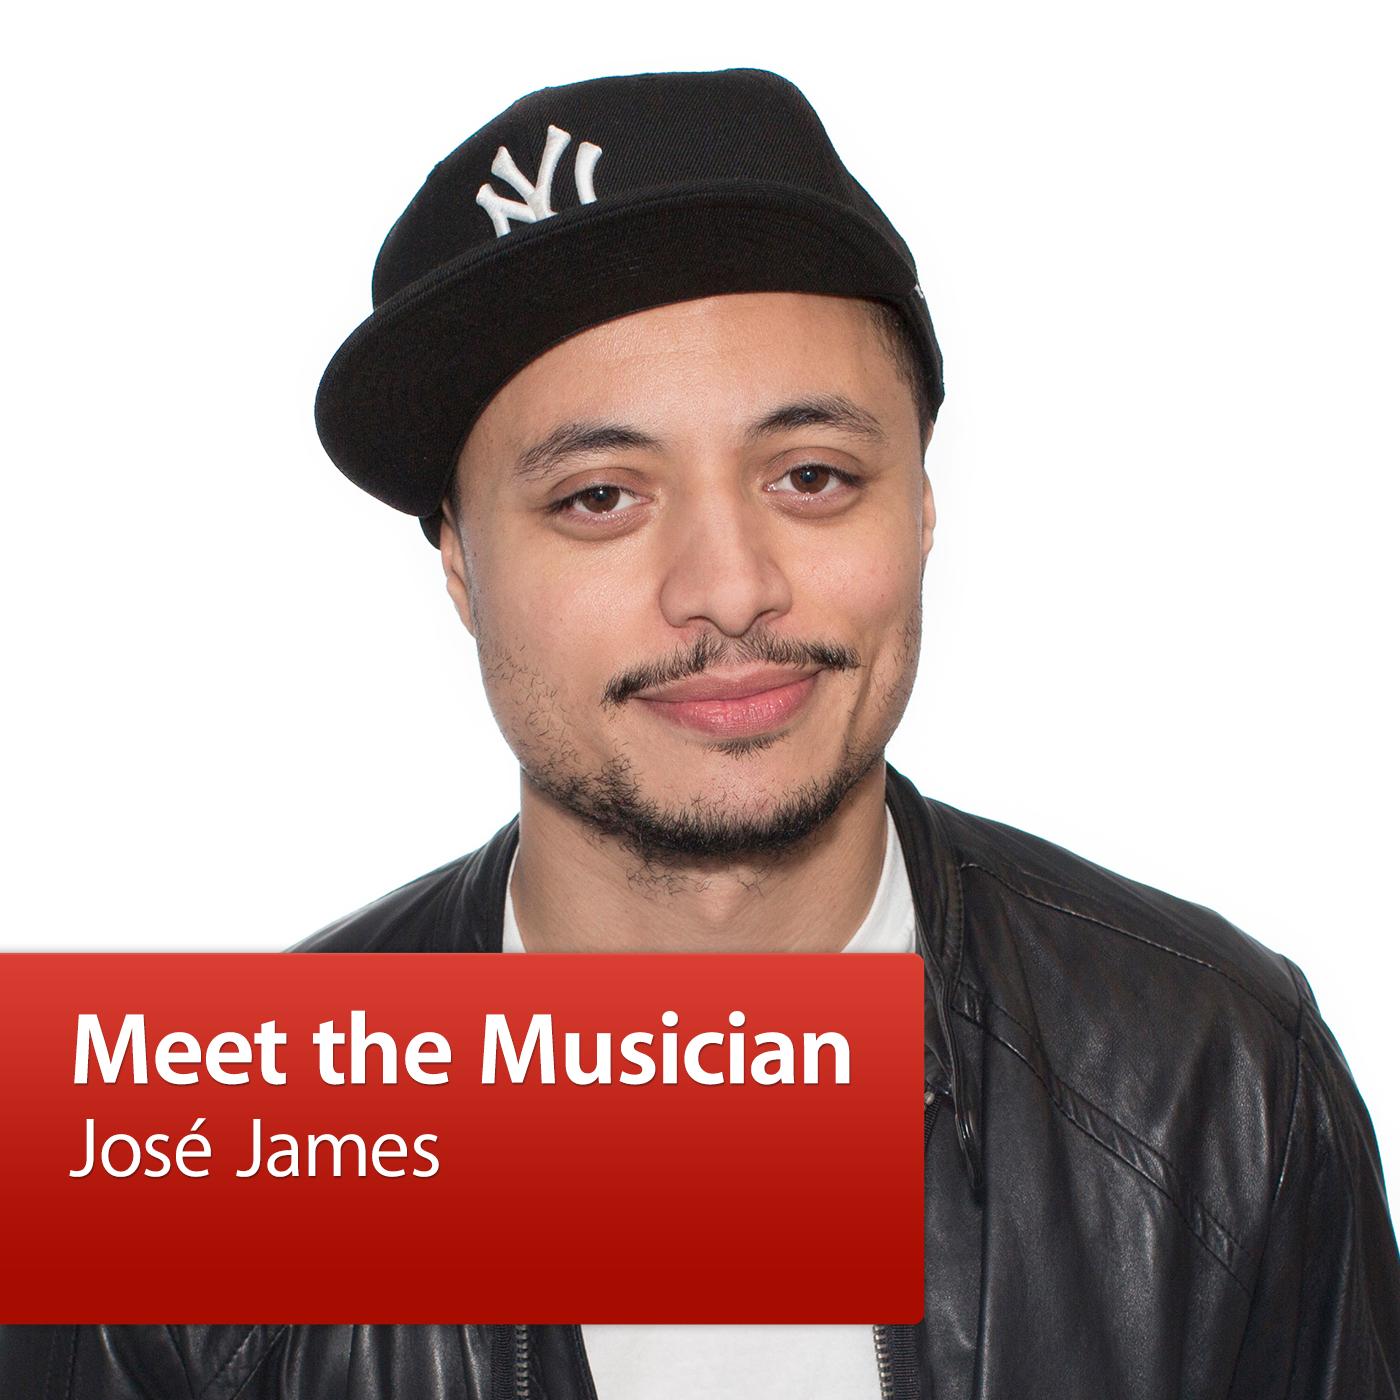 José James: Meet the Musician